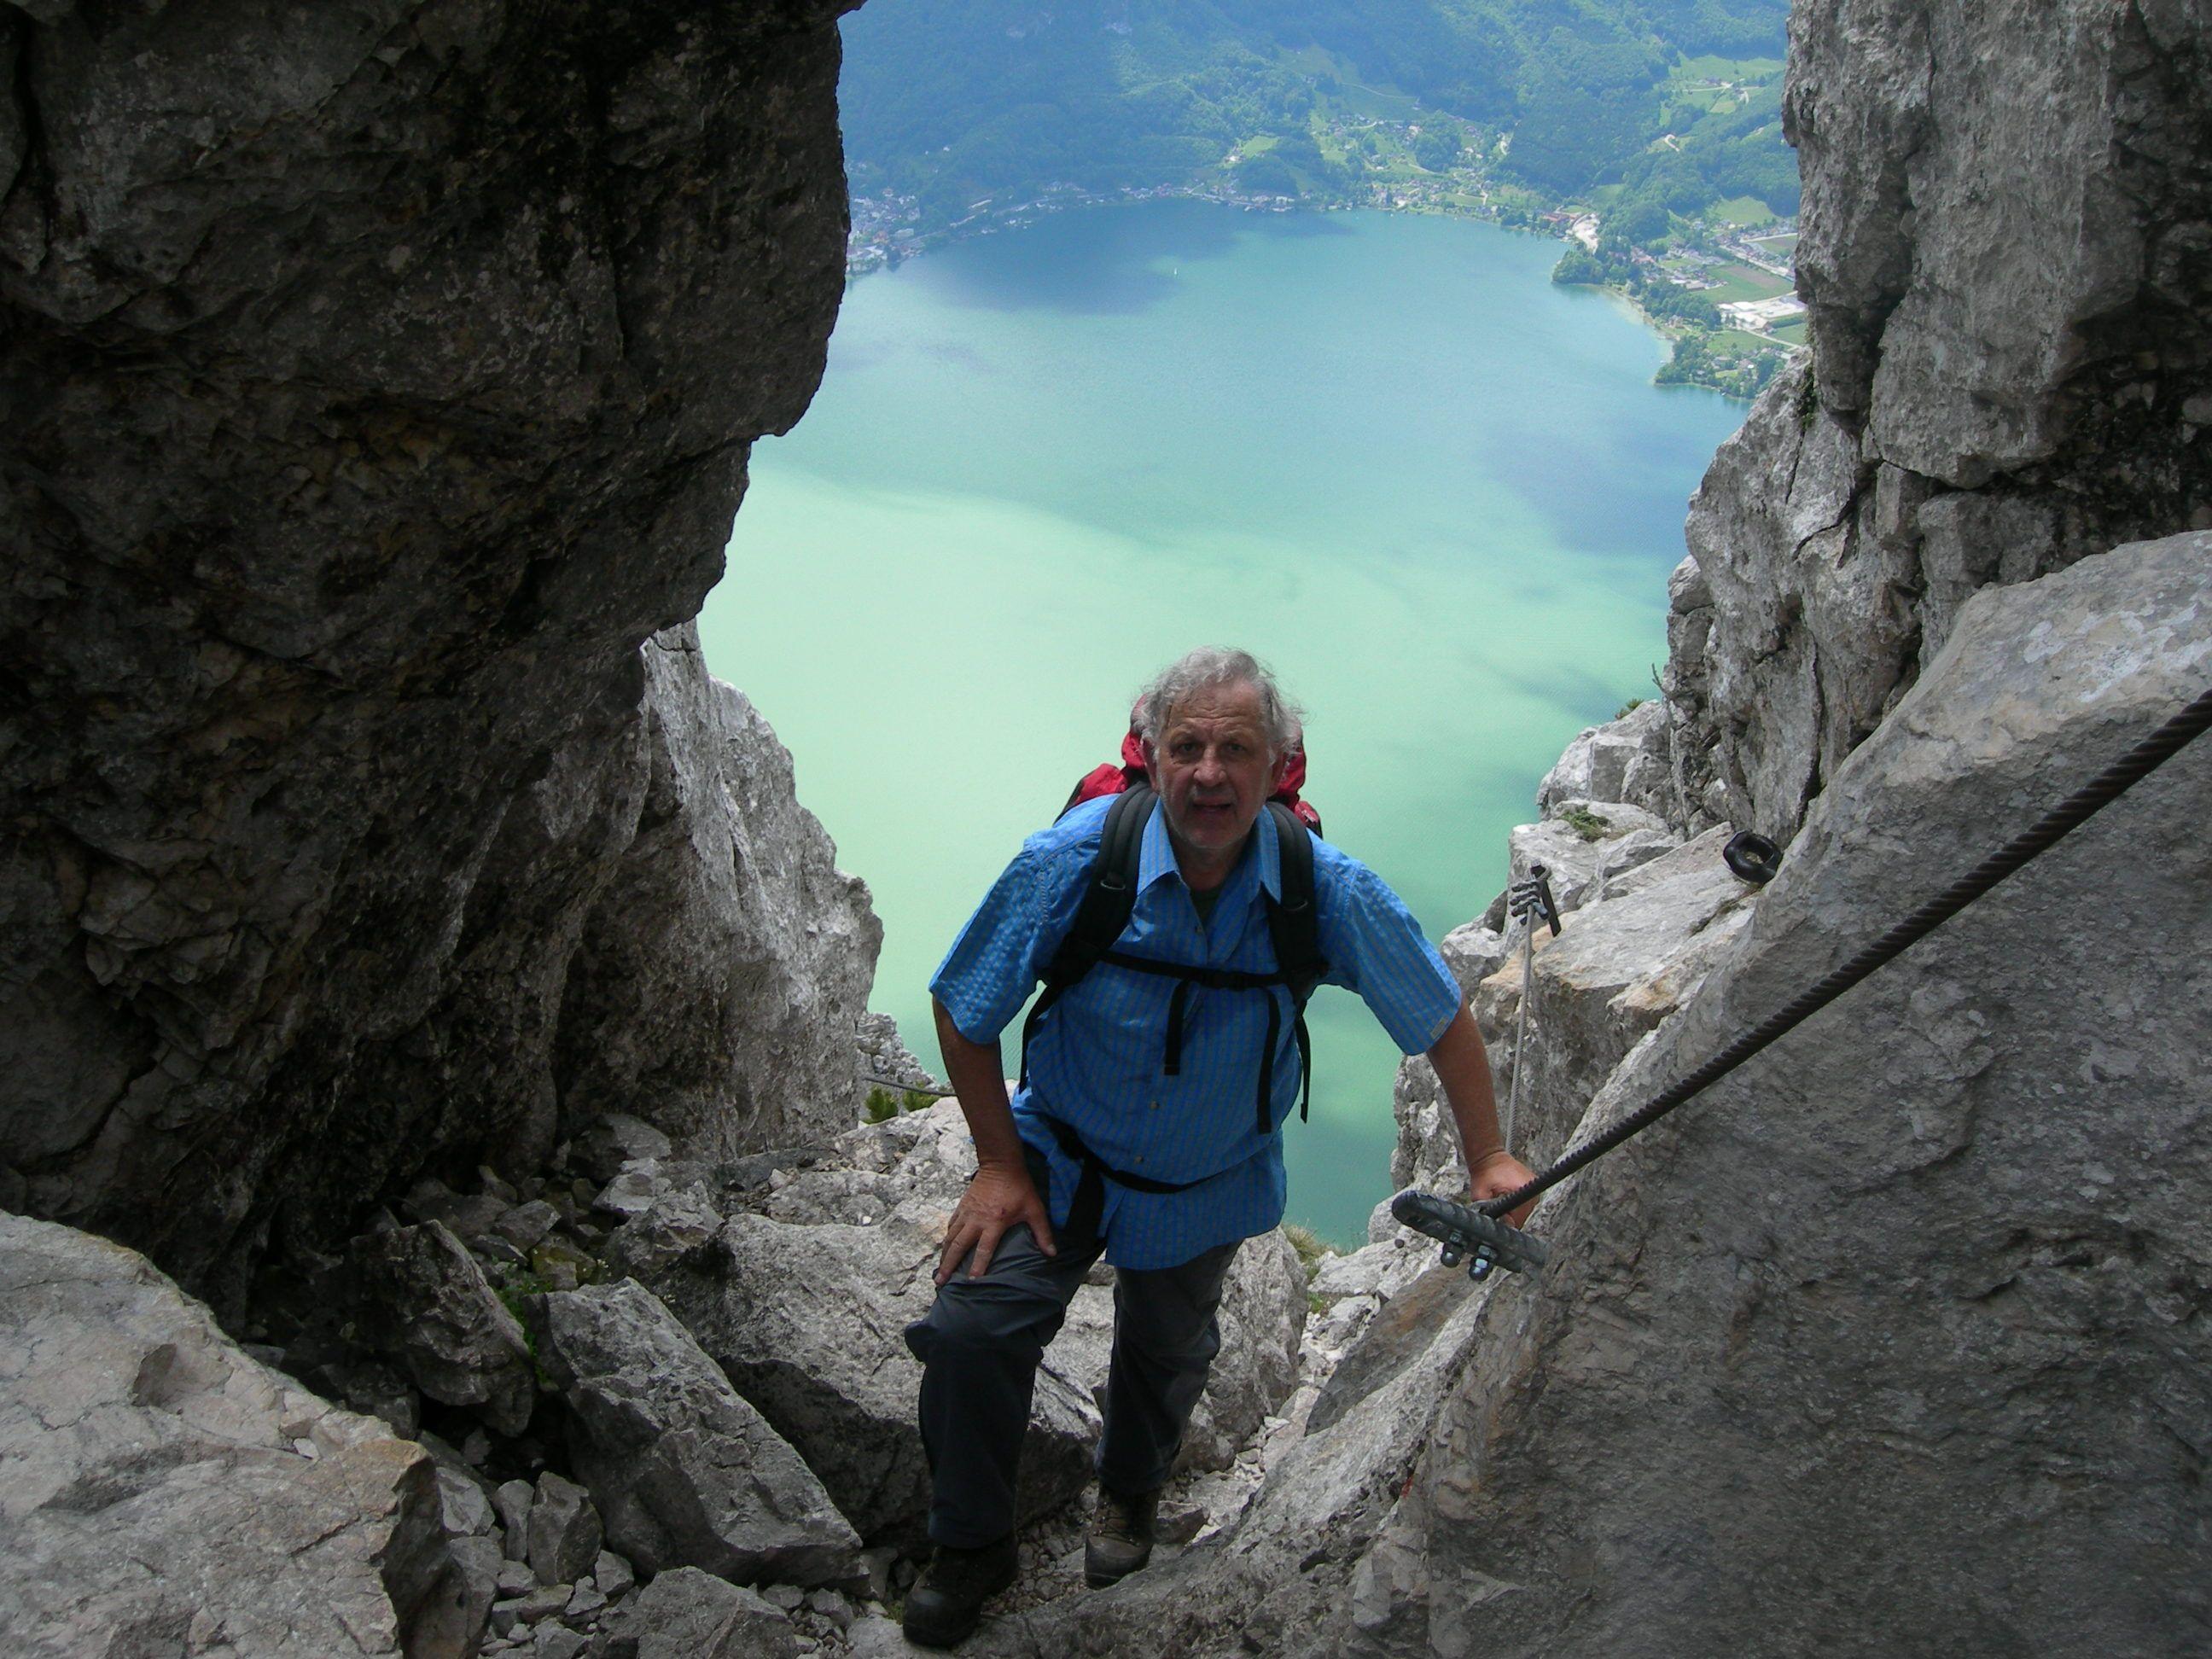 Klettersteig Oberösterreich : Klettersteig: naturfreundesteig in Österreich oberösterreich im